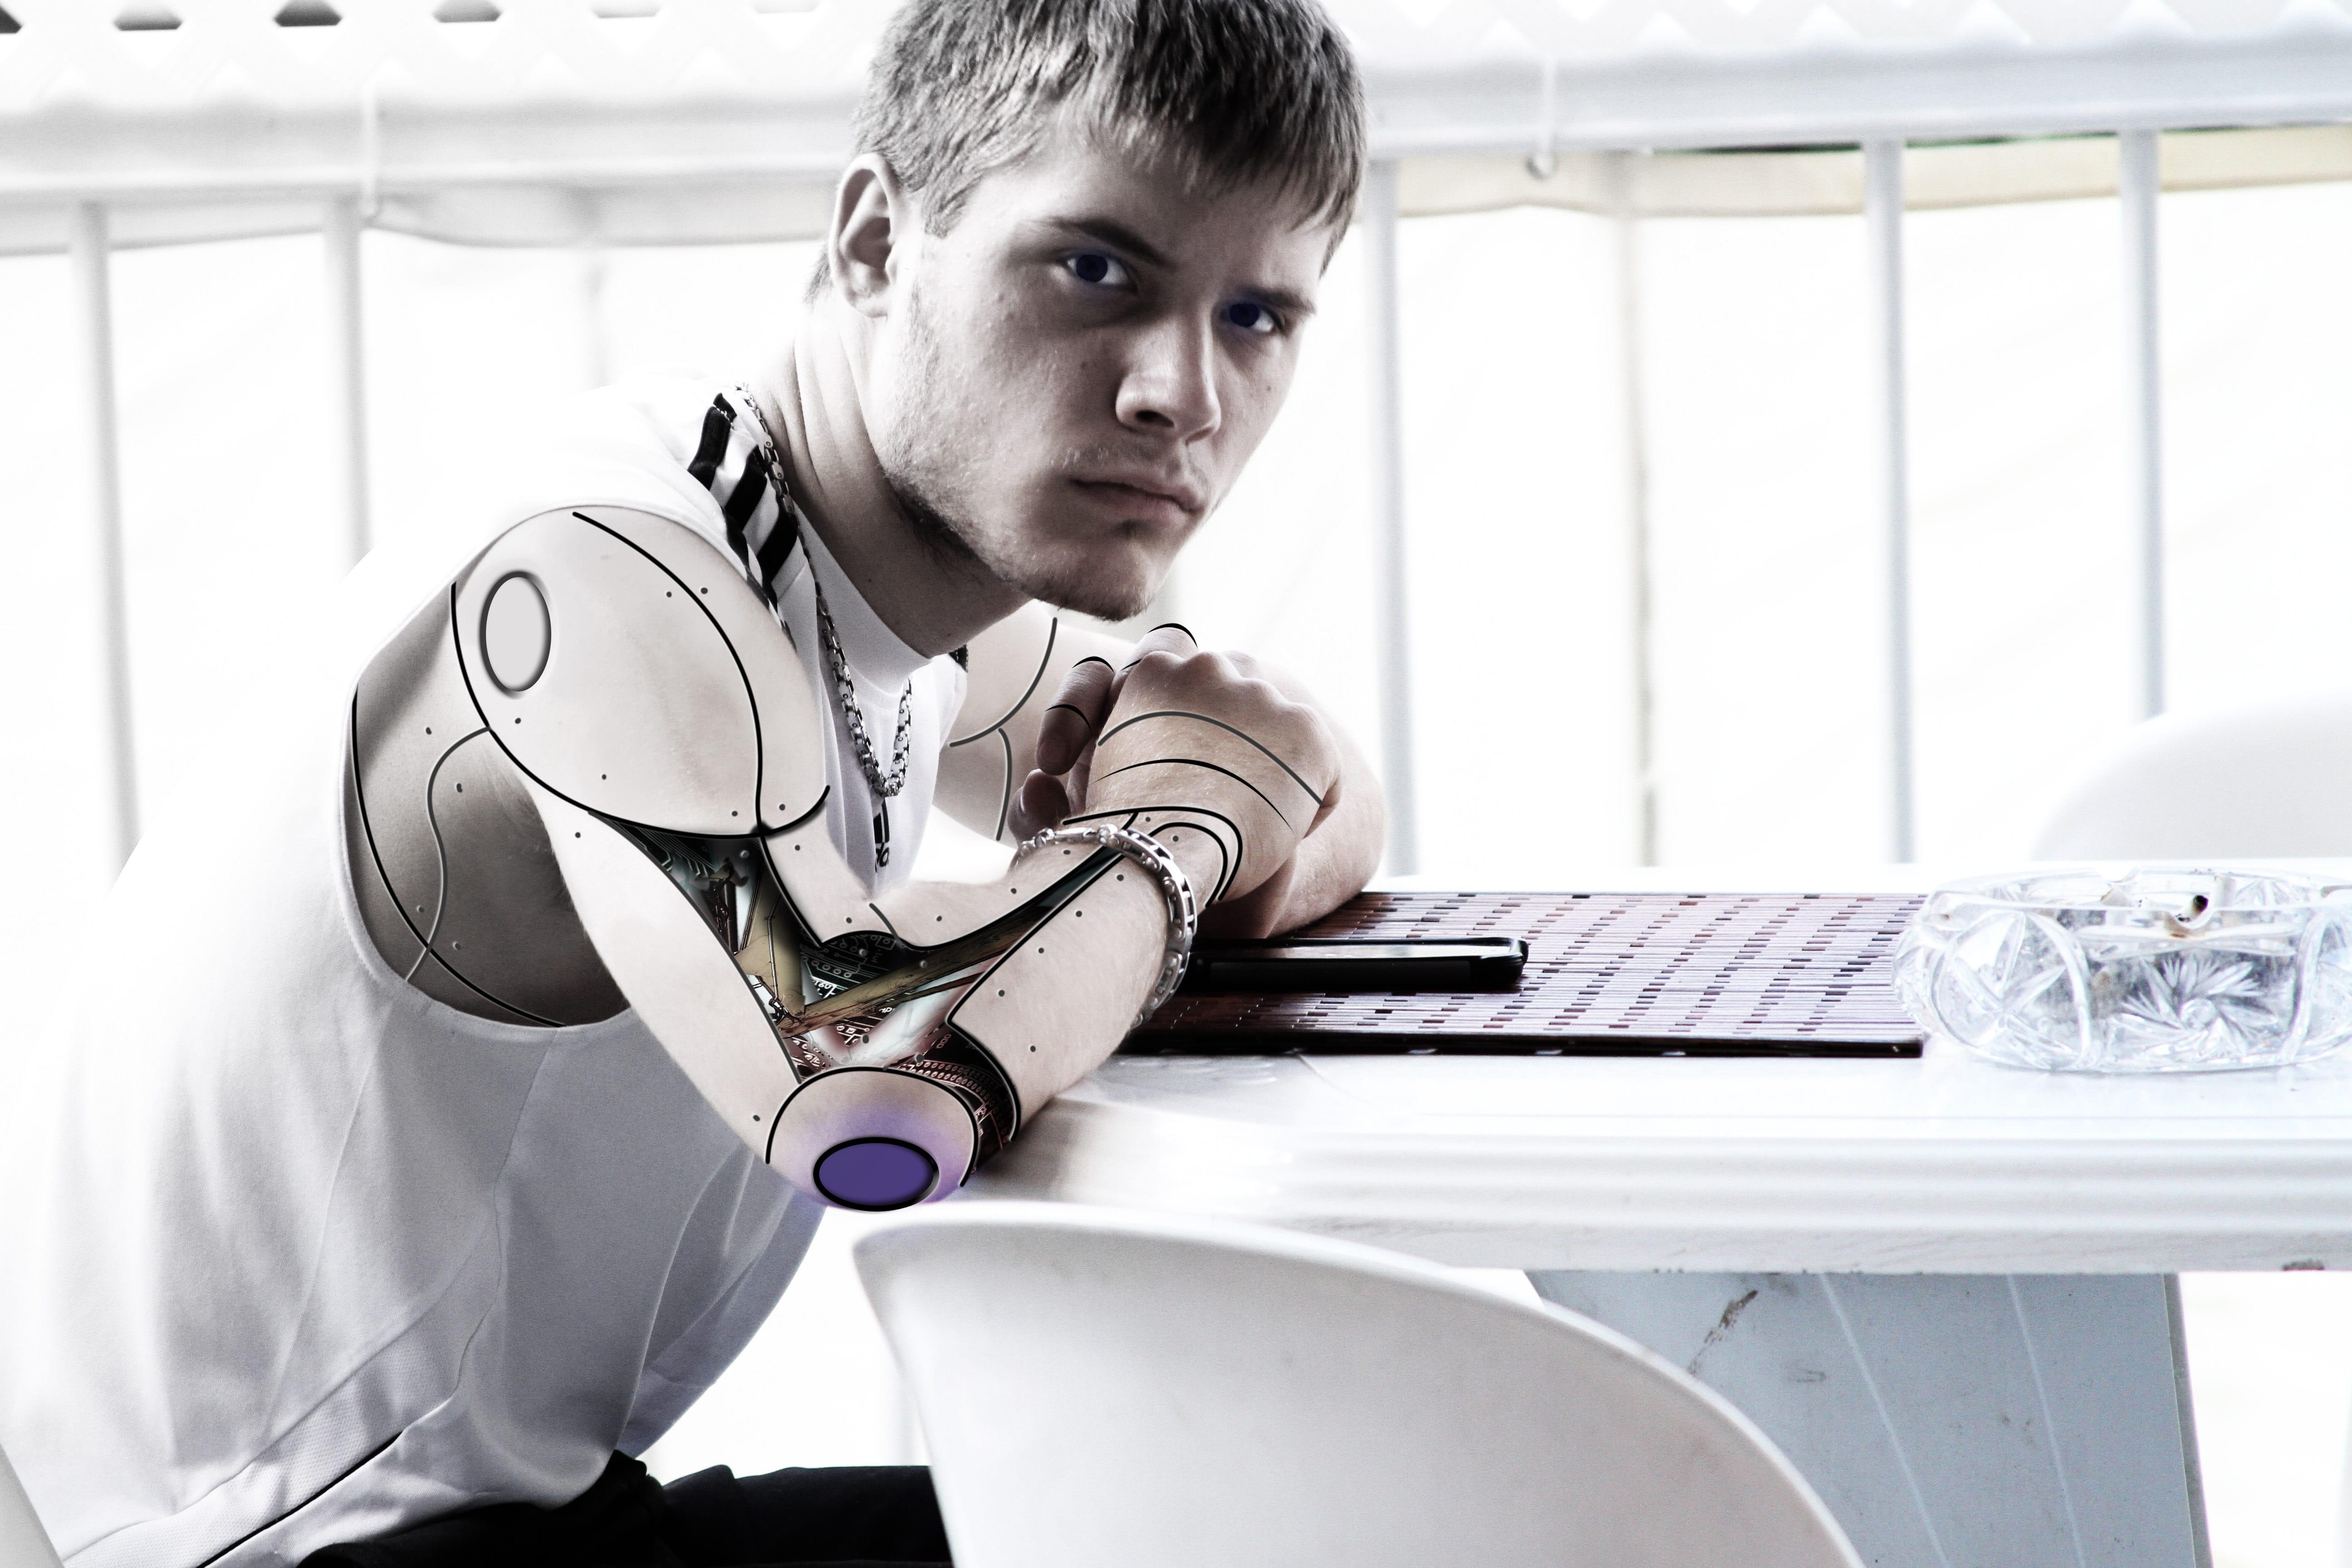 I bot che influenzano e manipolano i social network.